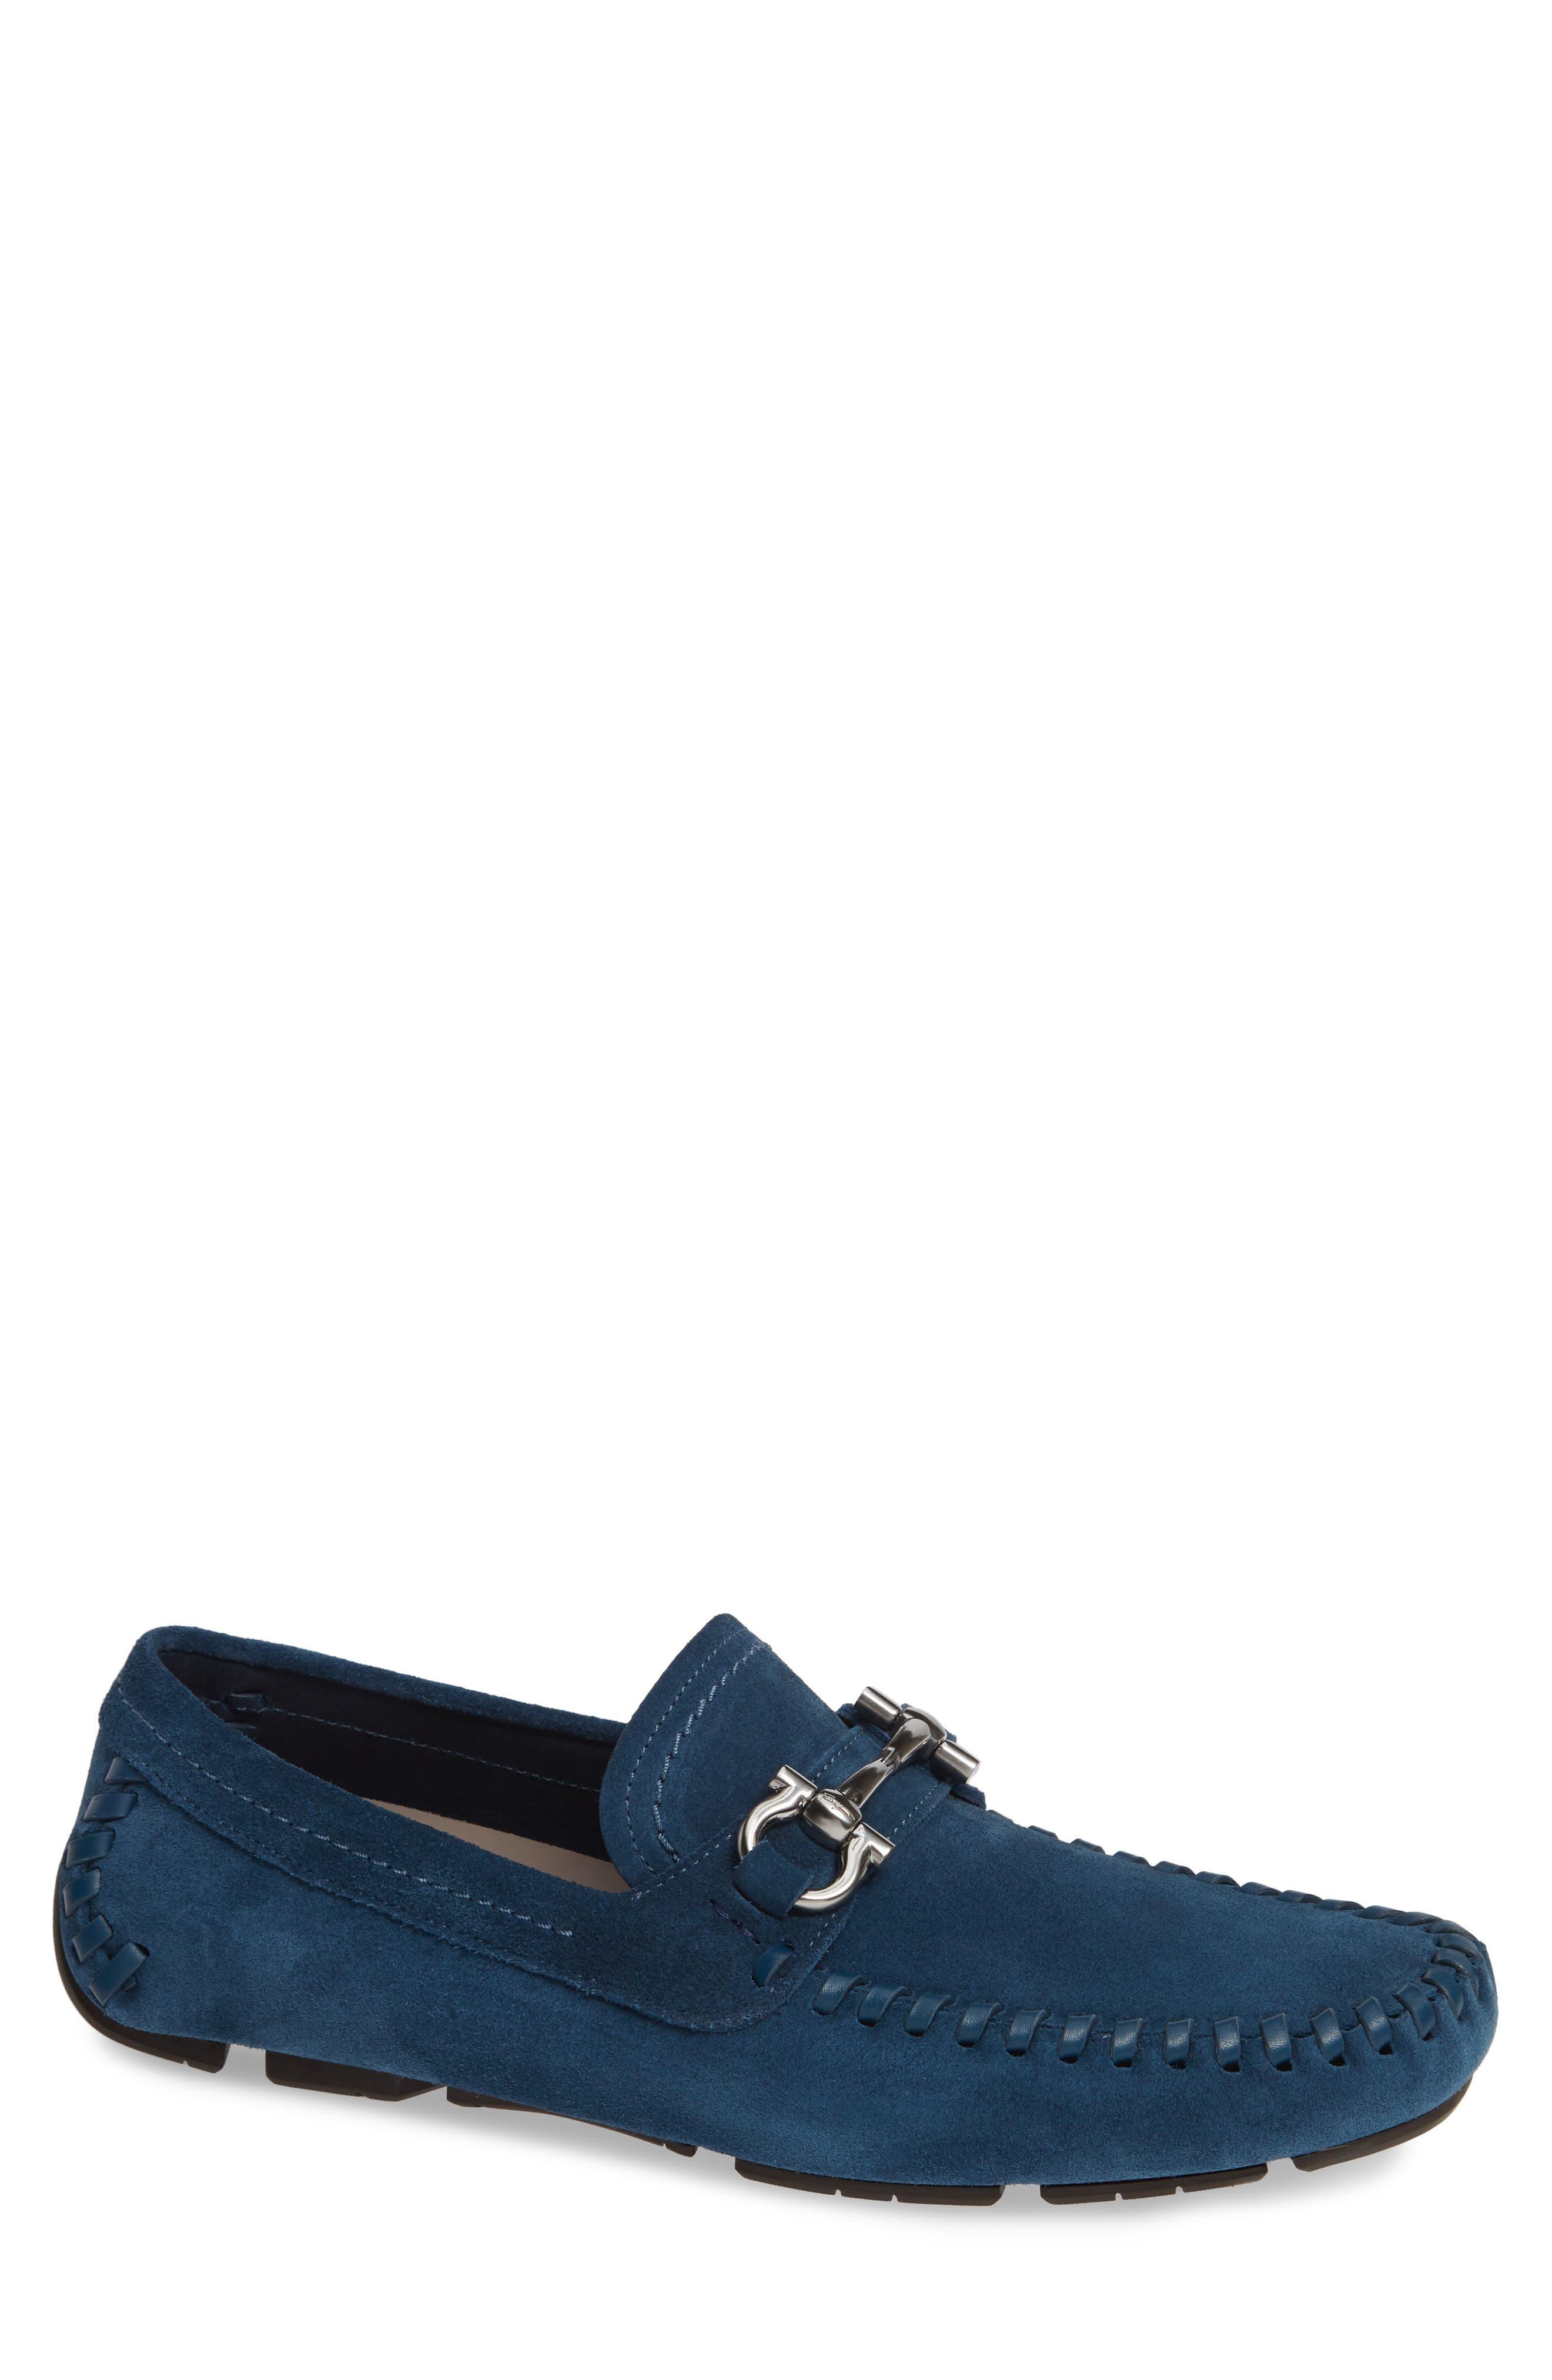 89fce3714255 Men s Shoes